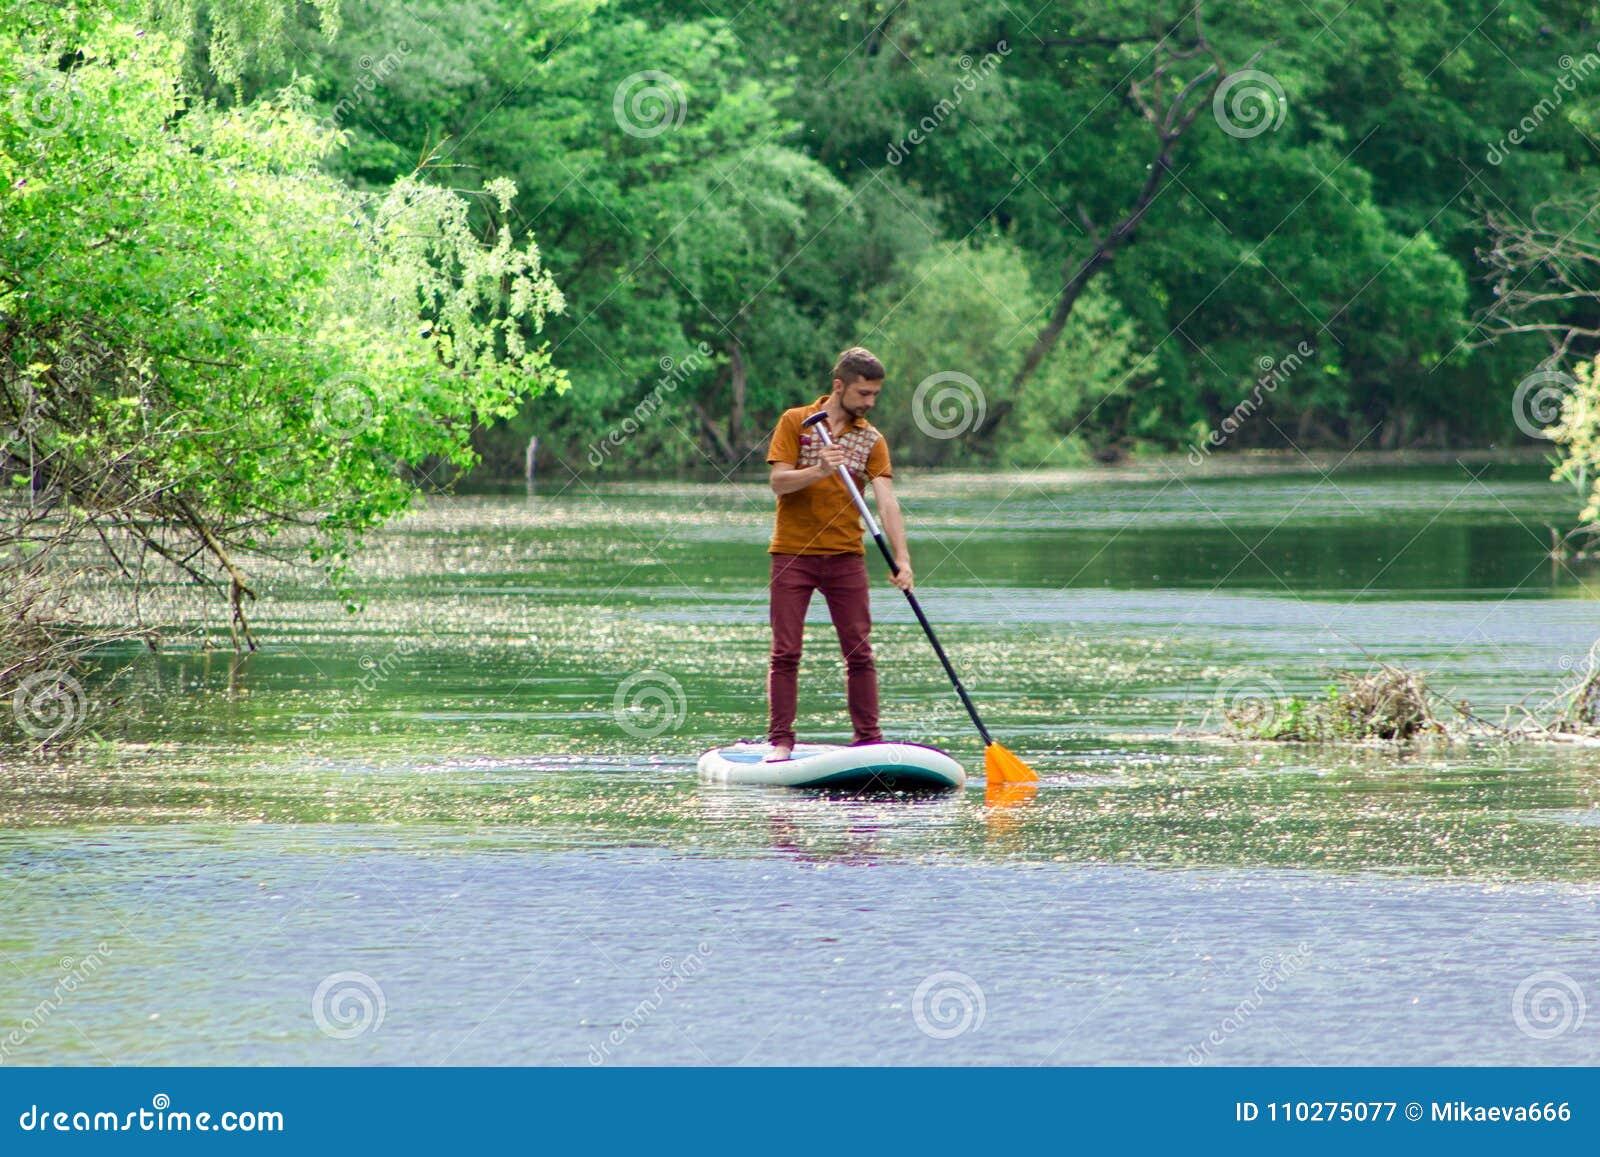 På floden i avståndet simmar en man på ett supbräde